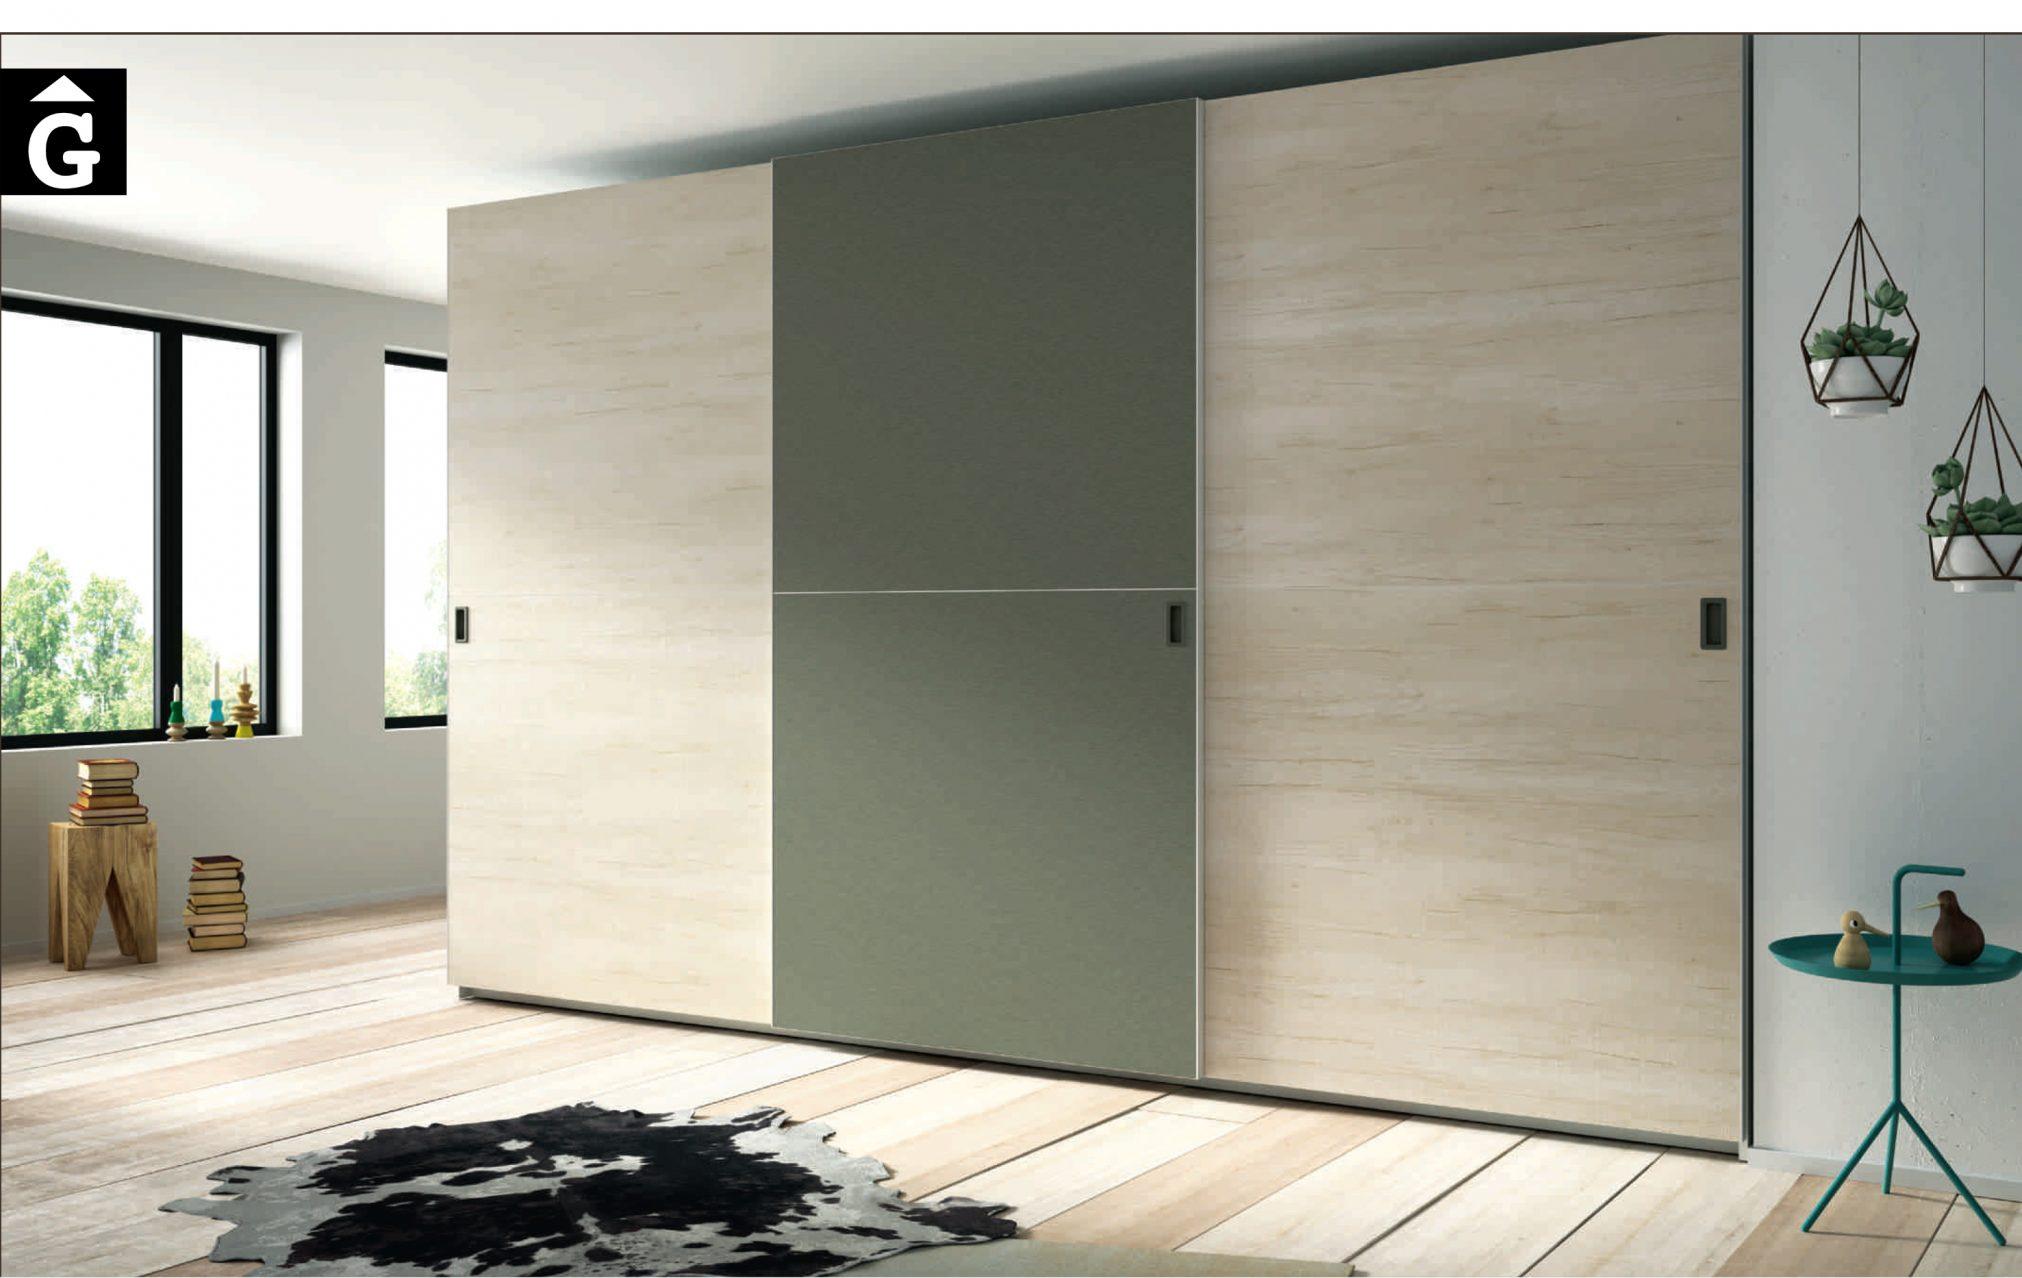 Lagrama armar 7 Portes Correderes Horizon by Mobles GIFREU Girona modern qualitat vanguardia minim elegant atemporal